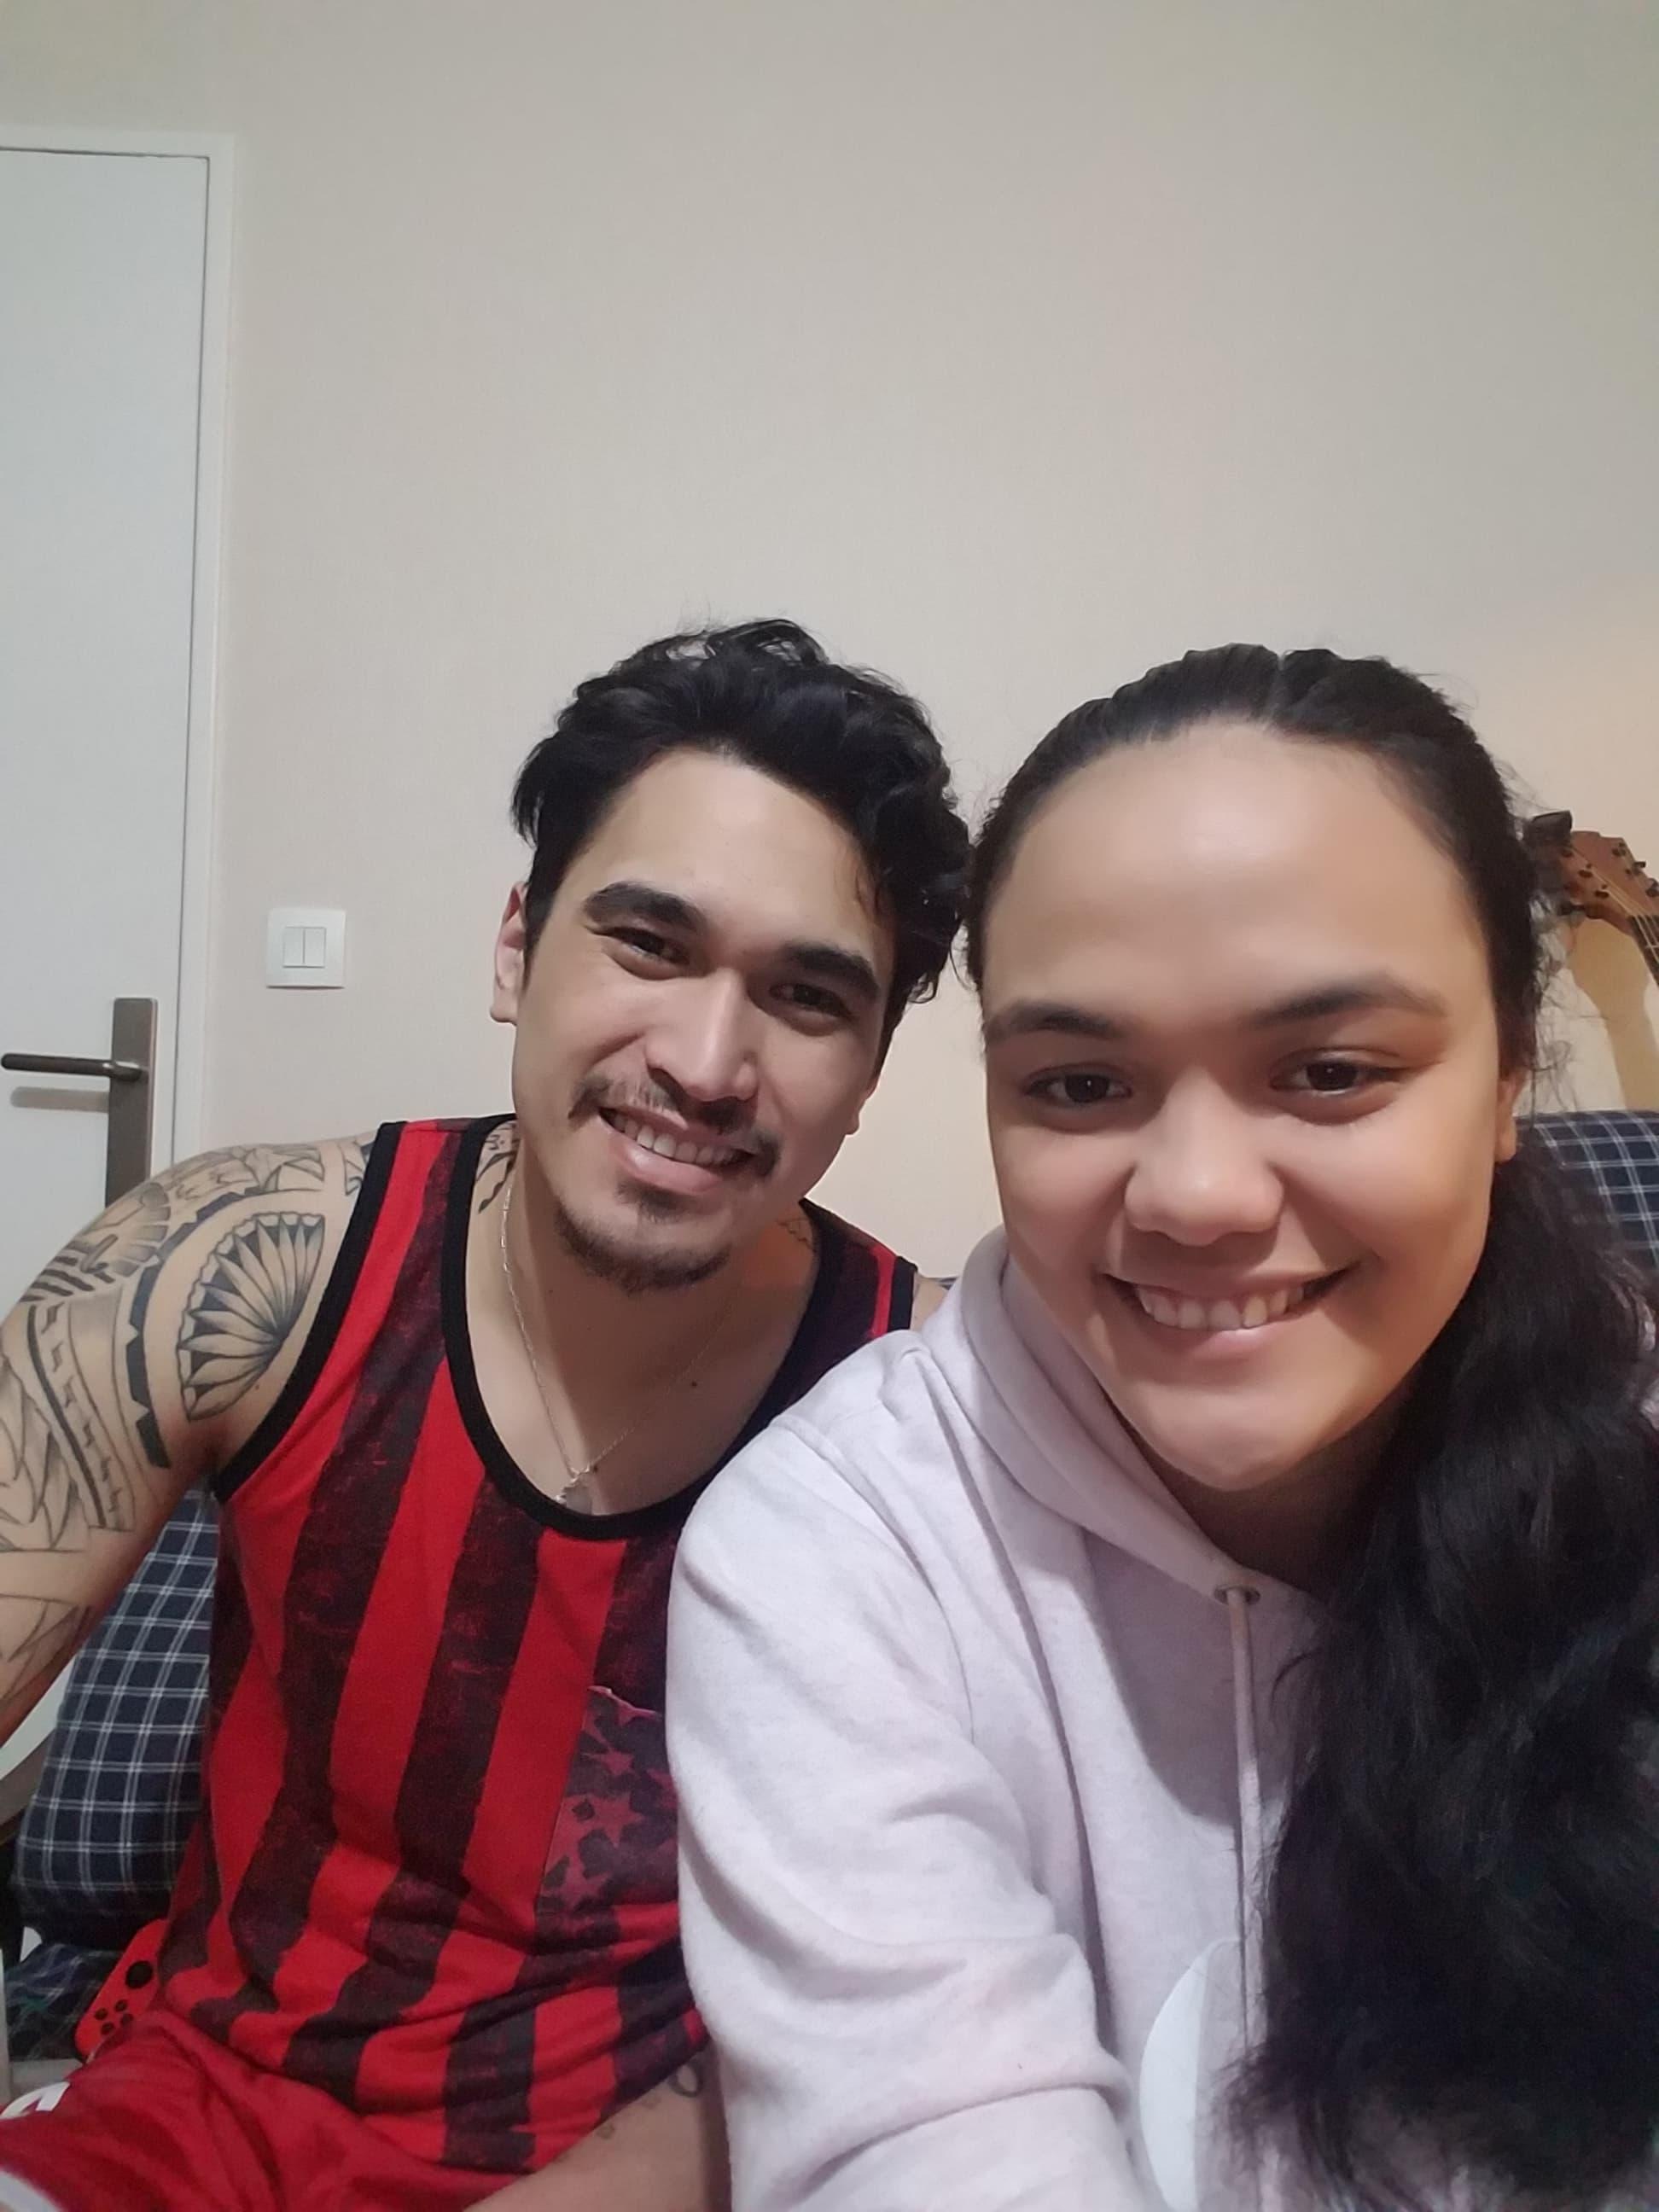 Nohoarii Paofai avec Tehei Labaste dans leur appartement à Sens où ils sont confinés depuis plus de deux semaines.